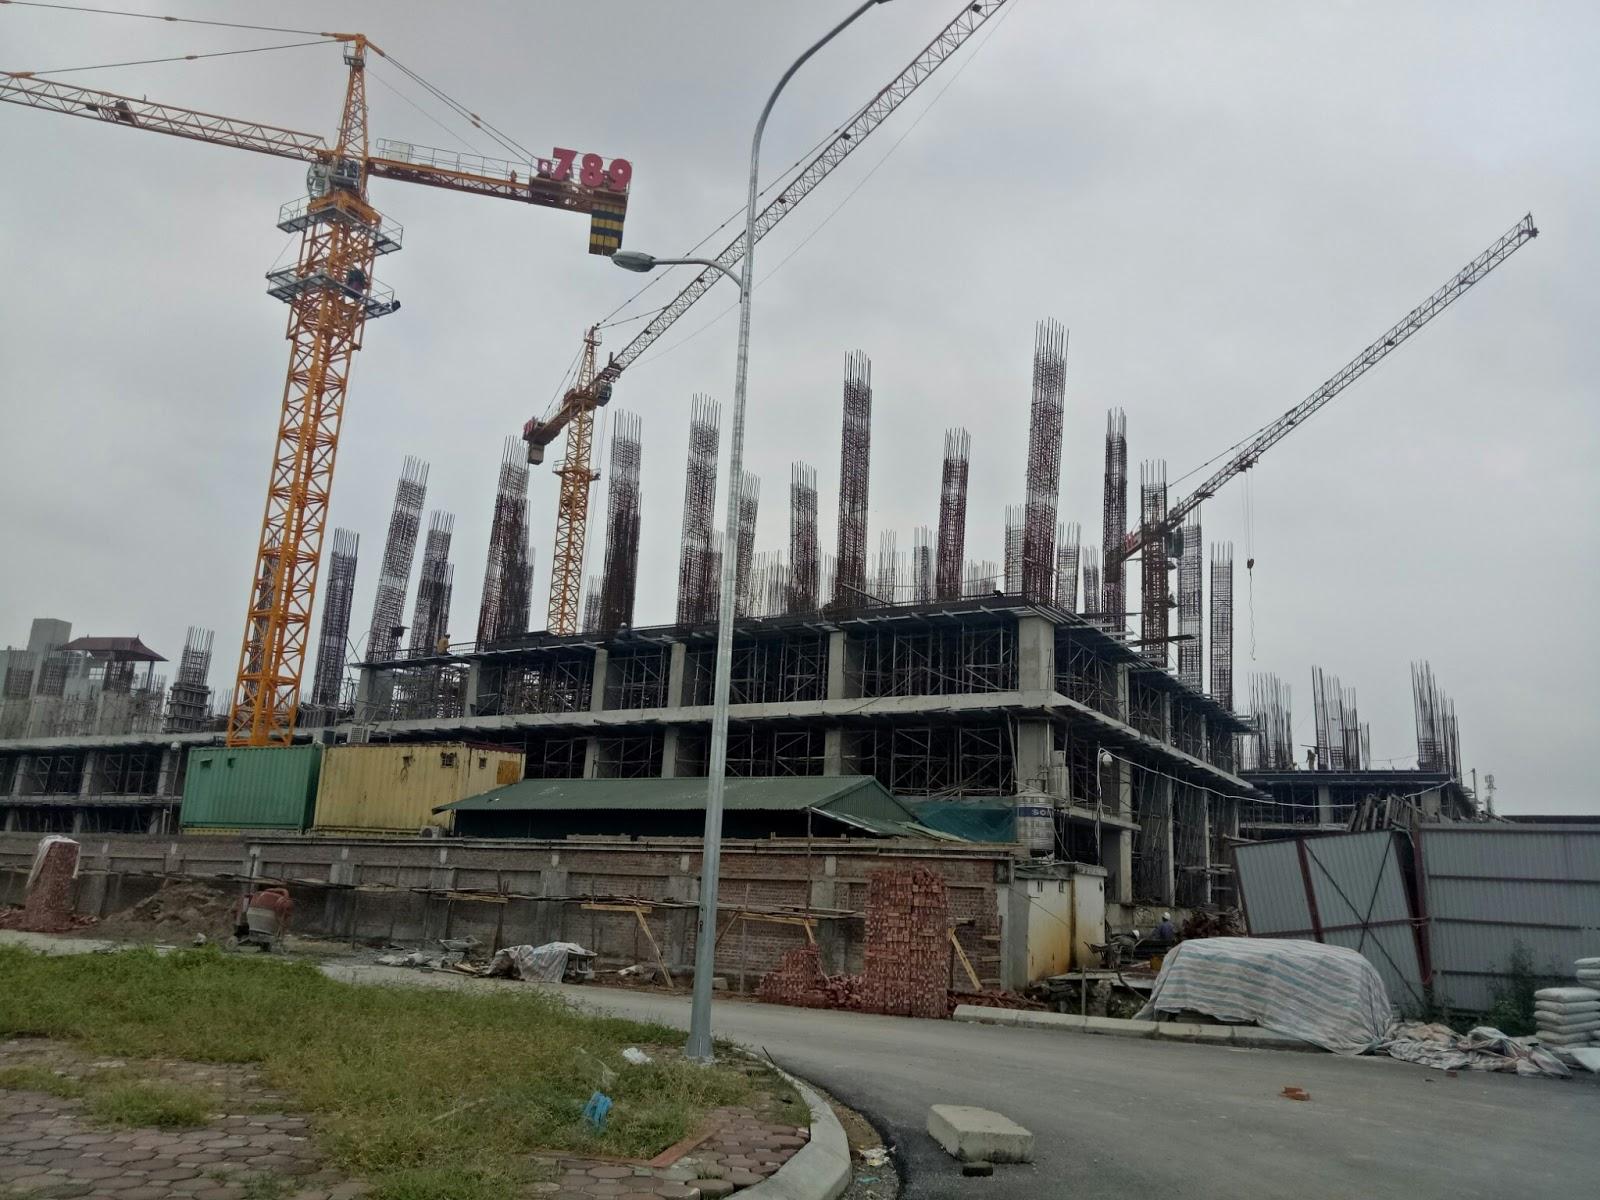 Cập nhật tiến độ xây dựng dự án Chung cư 789 Xuân Đỉnh Tháng 10/2016